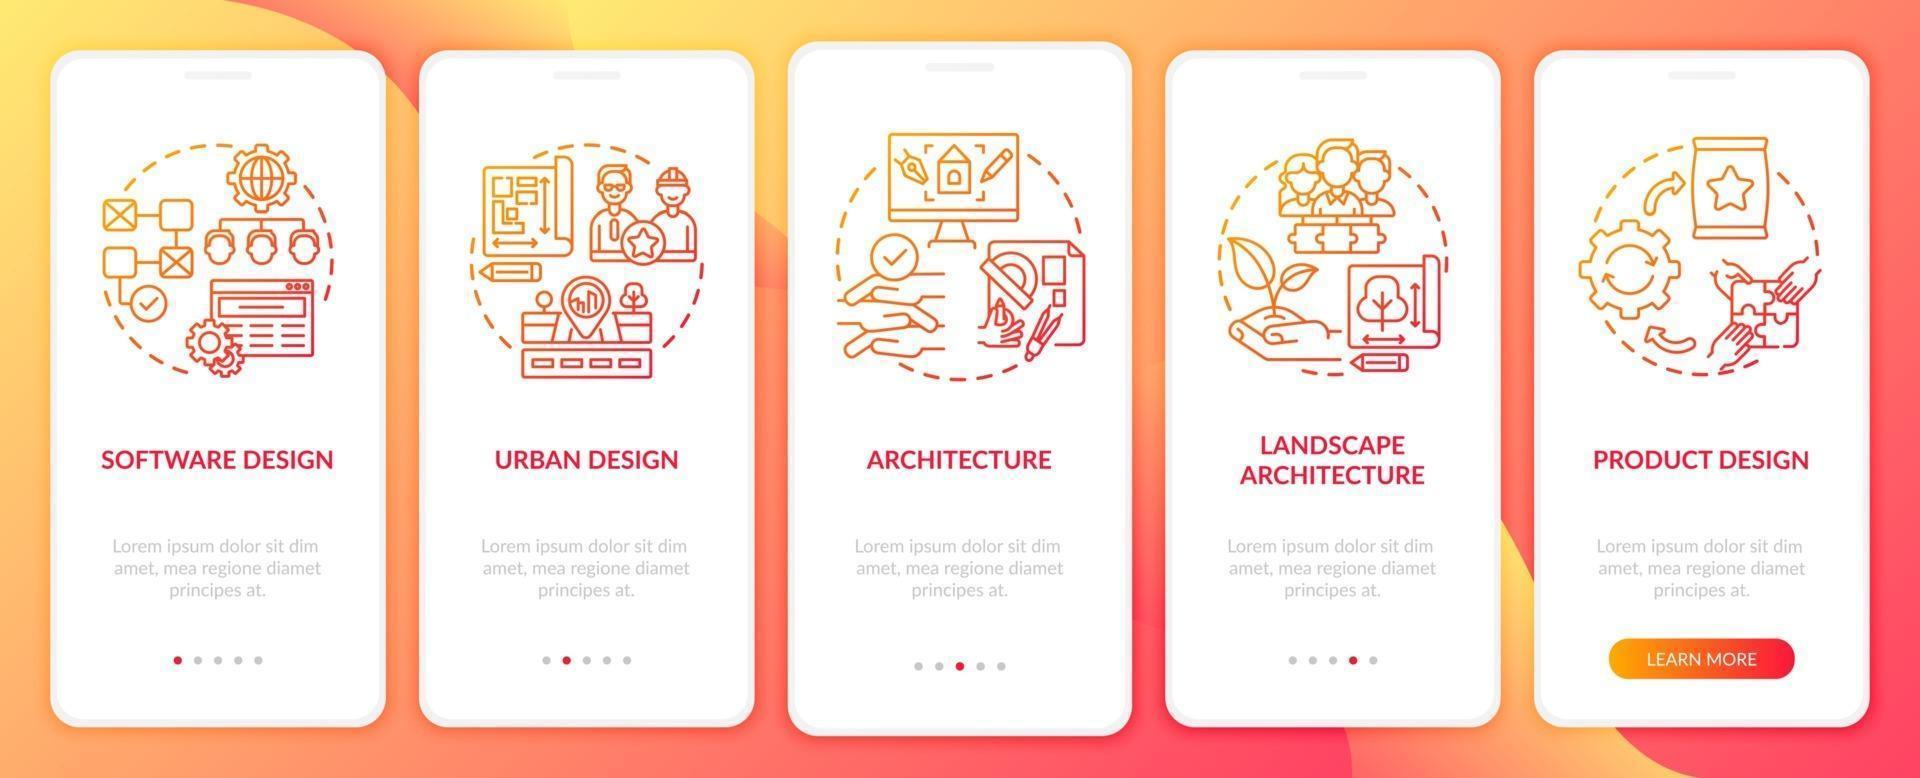 co designar campos de aplicativos para tela de página de aplicativo móvel com conceitos vetor